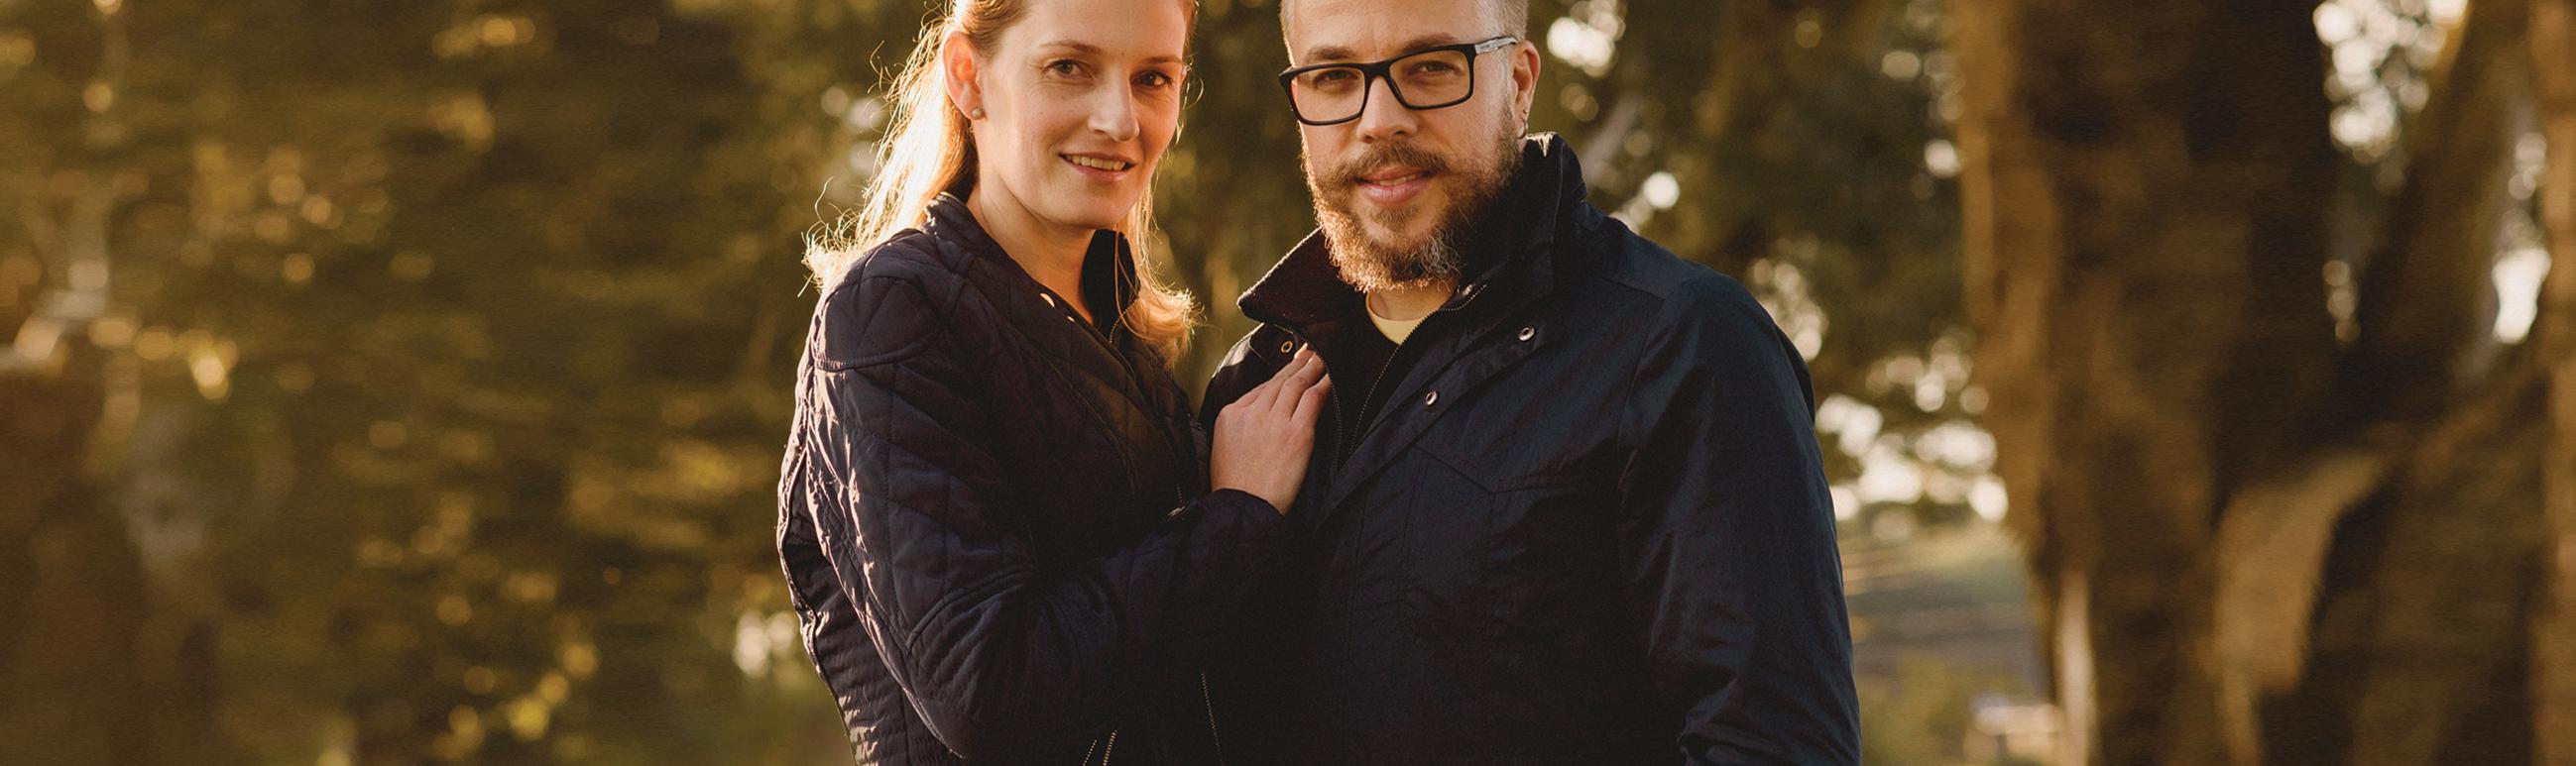 Sobre Fotógrafo de Casamento - Cascavel - PR | Edu Freire